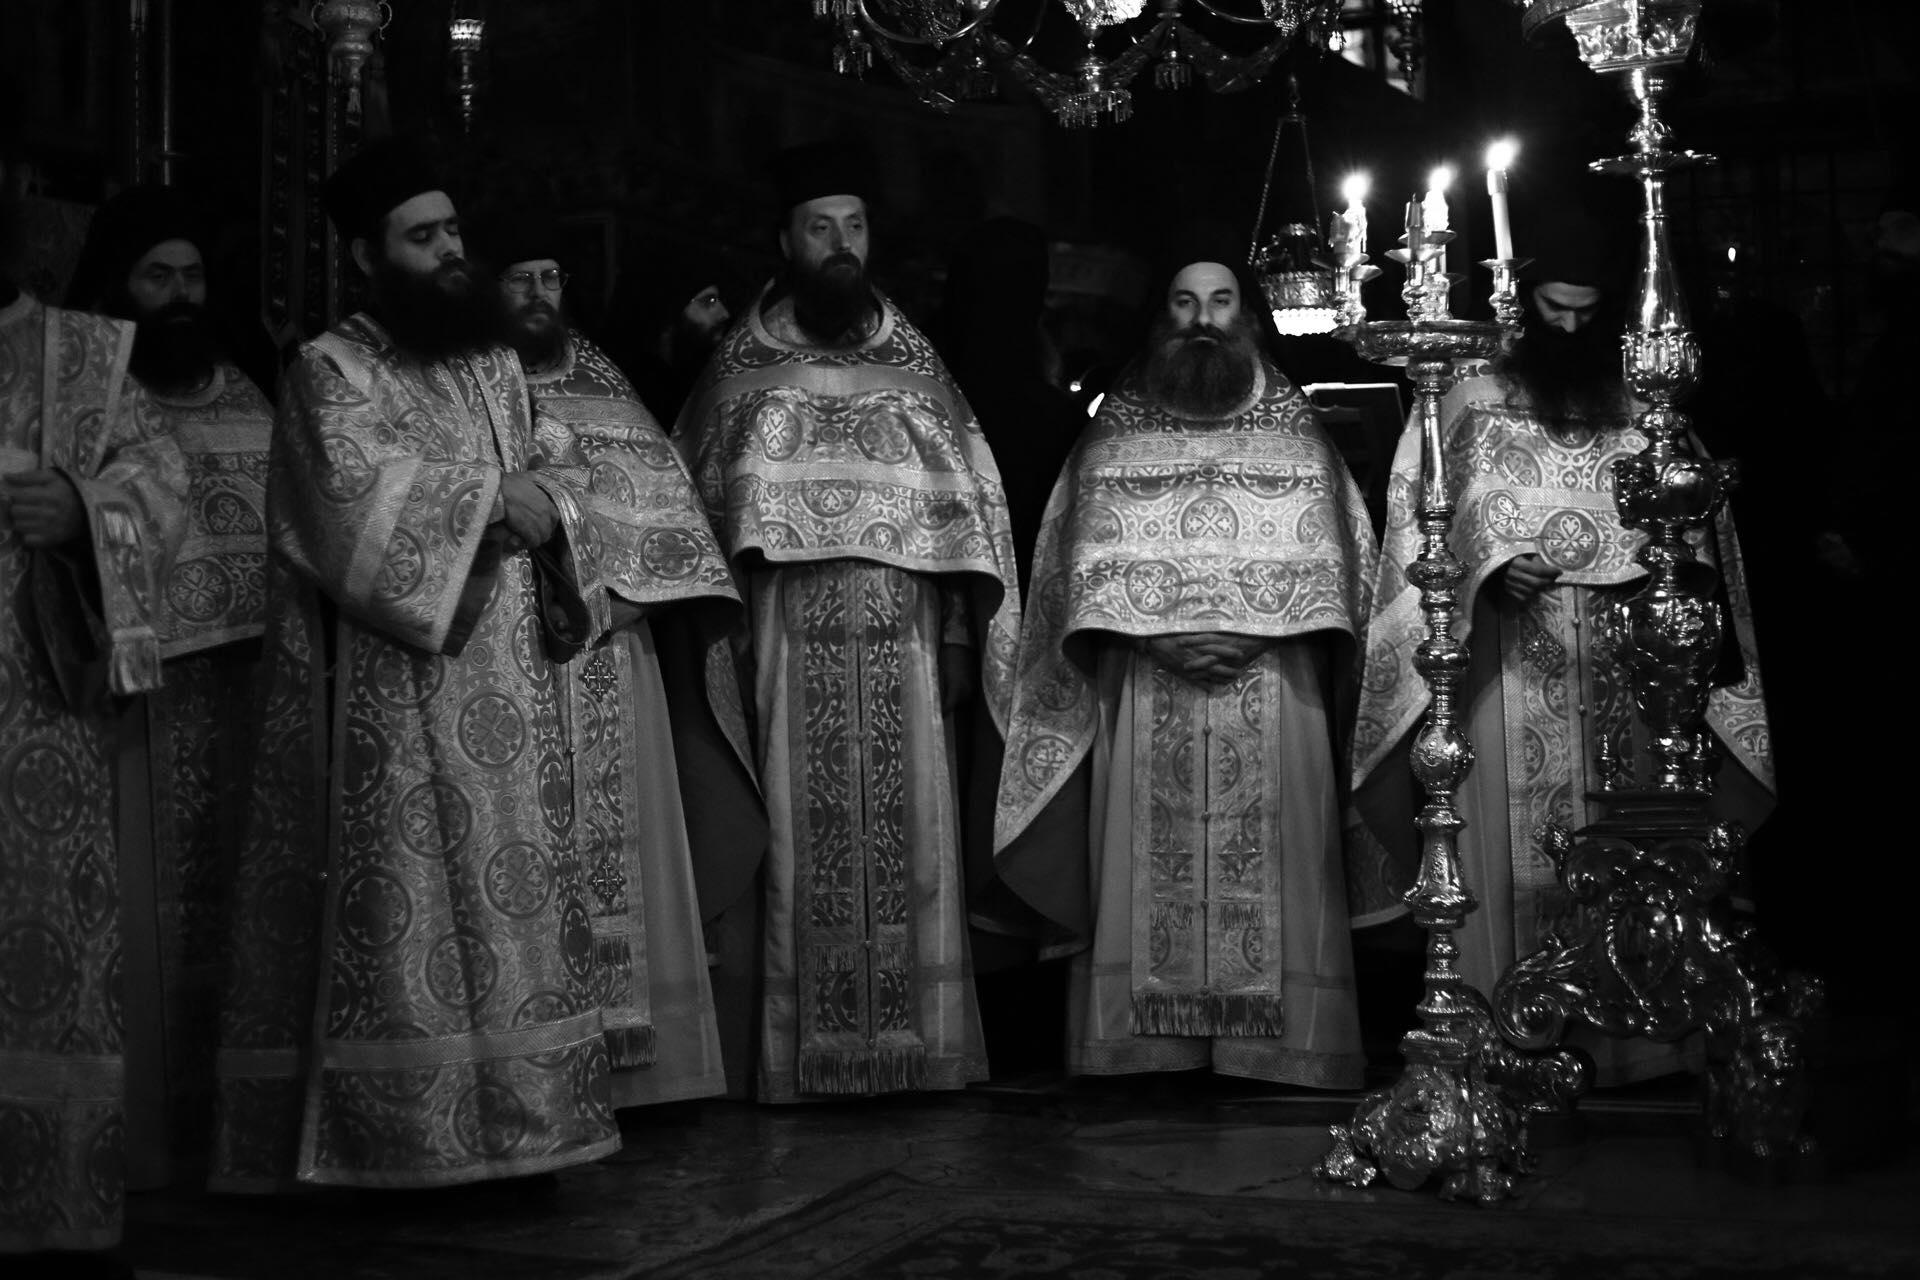 Η Ι.Μ.Μ. Βατοπαιδίου τιμά την Αγία Ζώνη – «Ευλογημένοι σε αυτό το ουράνιο θερμοκήπιο»